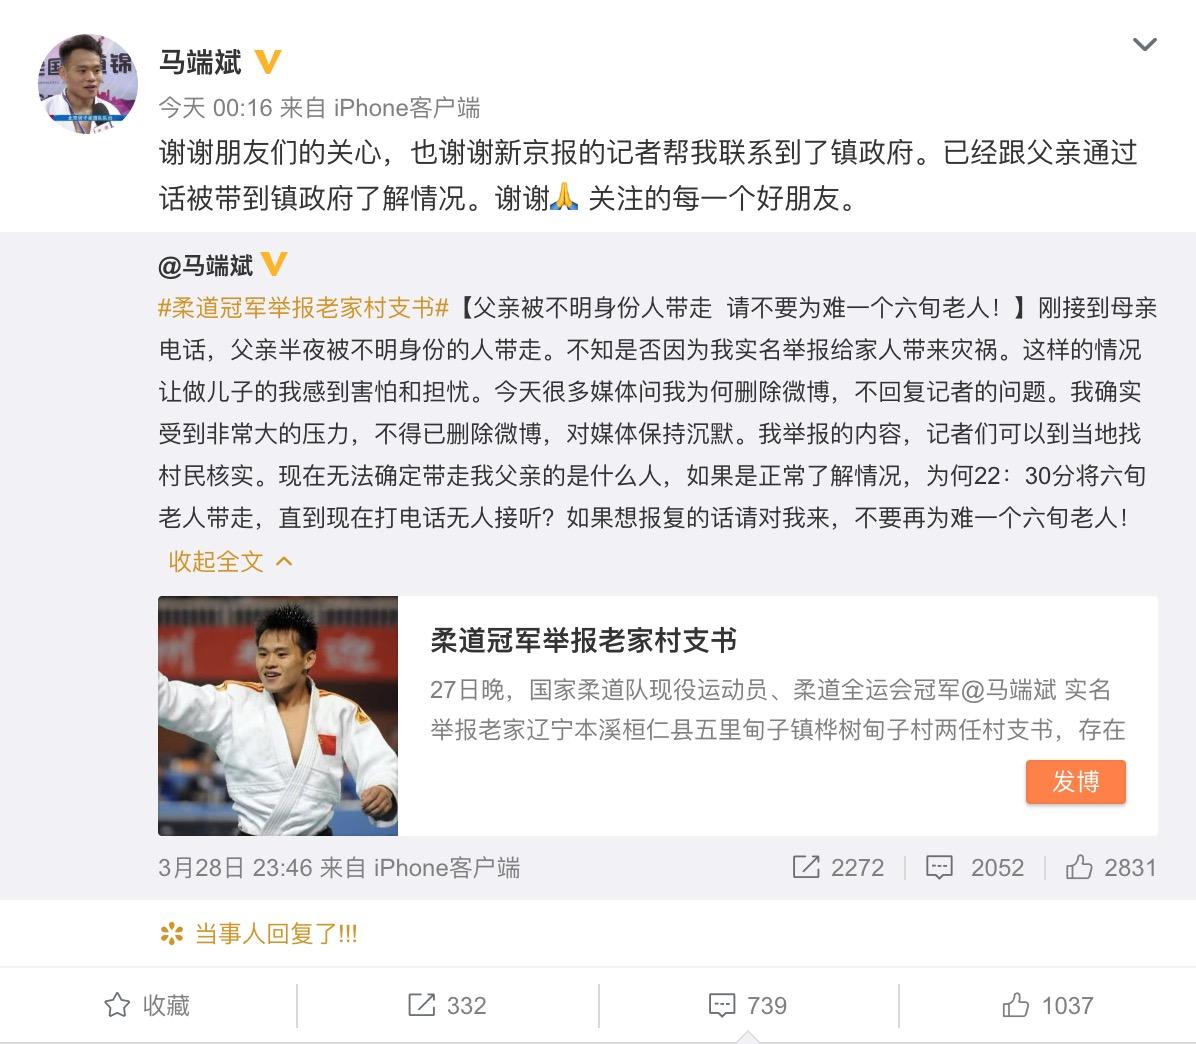 柔道冠军实名举报村支书sunbet官网贪腐进展:举报人父亲正配合当地调查